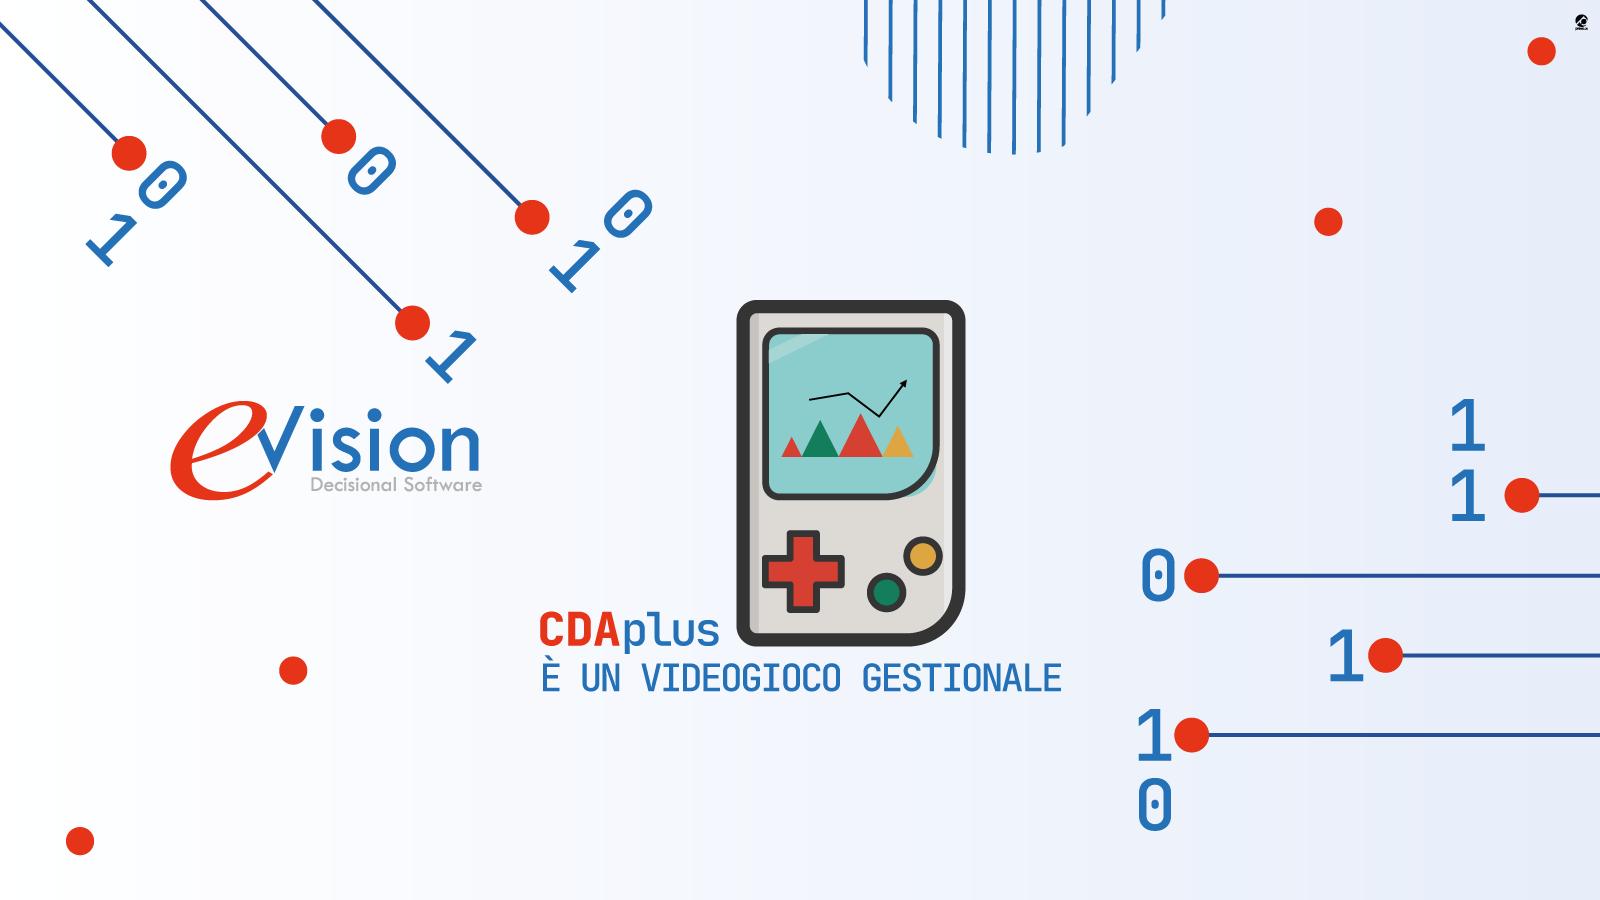 Evision--videogioco-CDAplus pressh24